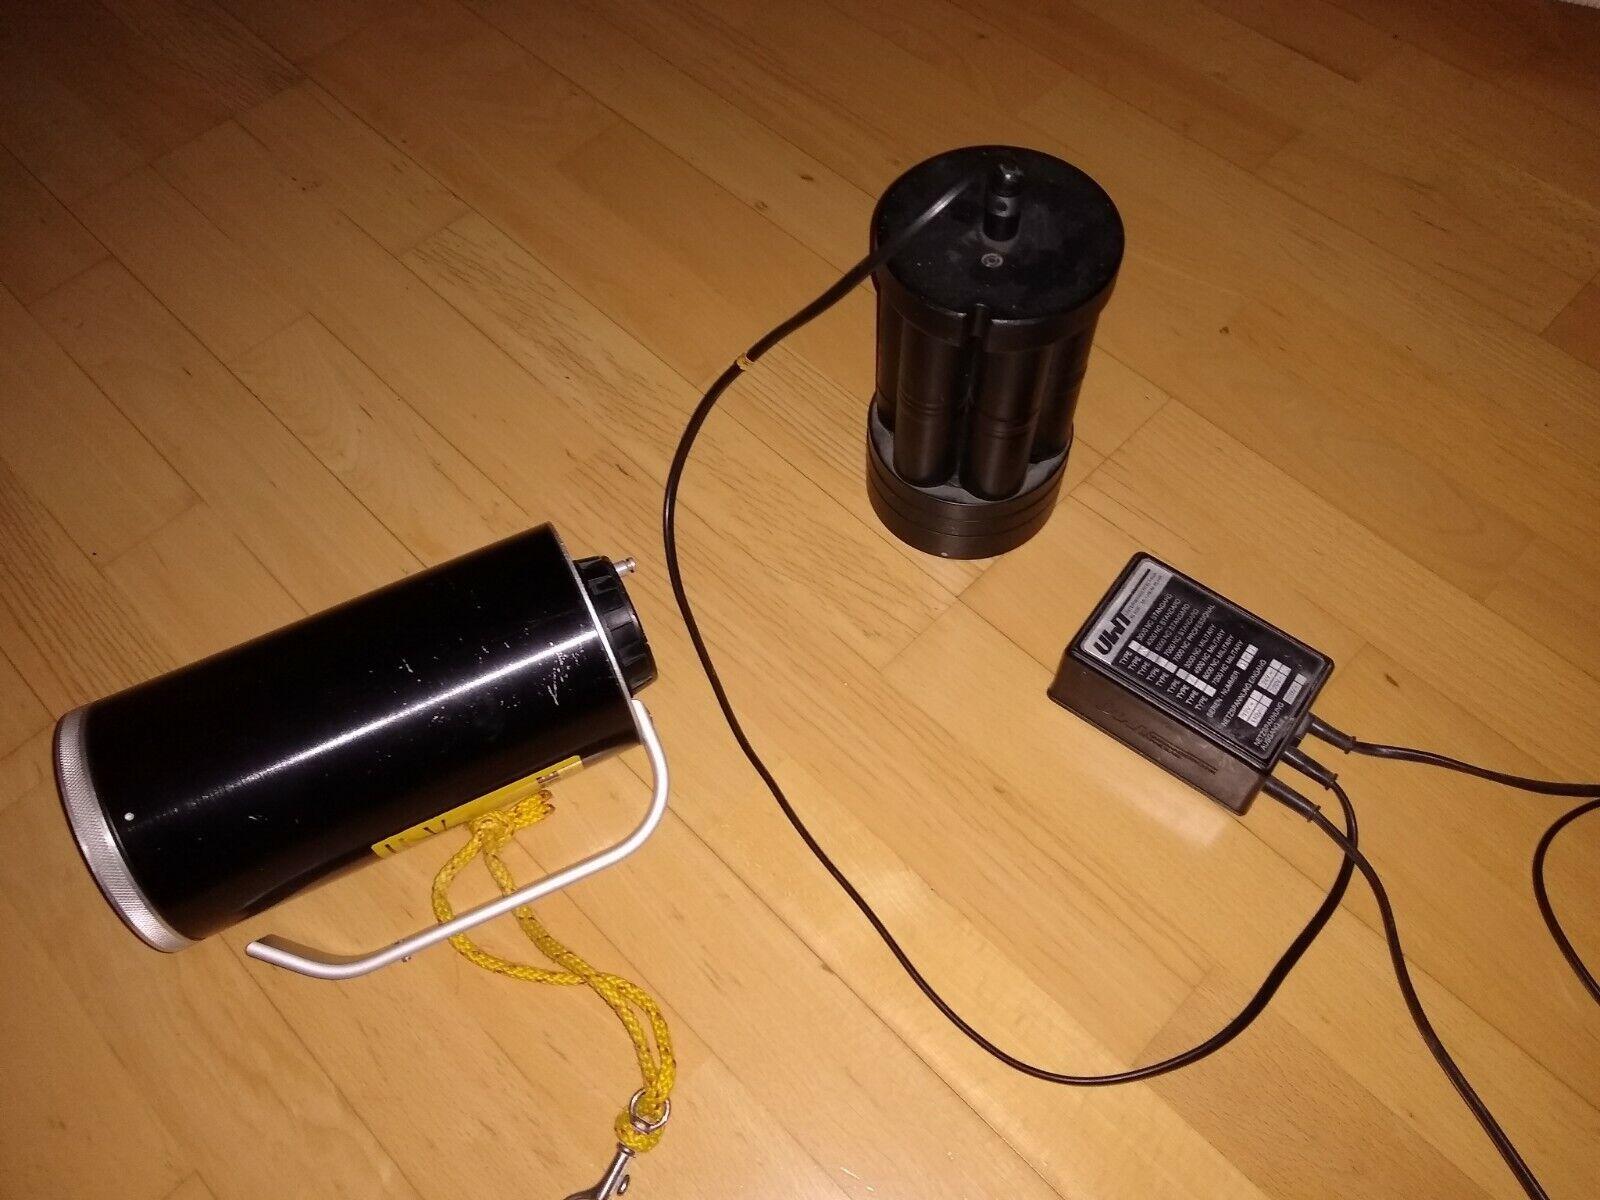 Tauchlampe Unterwasserlampe UW-Lampe Blase 4000NC